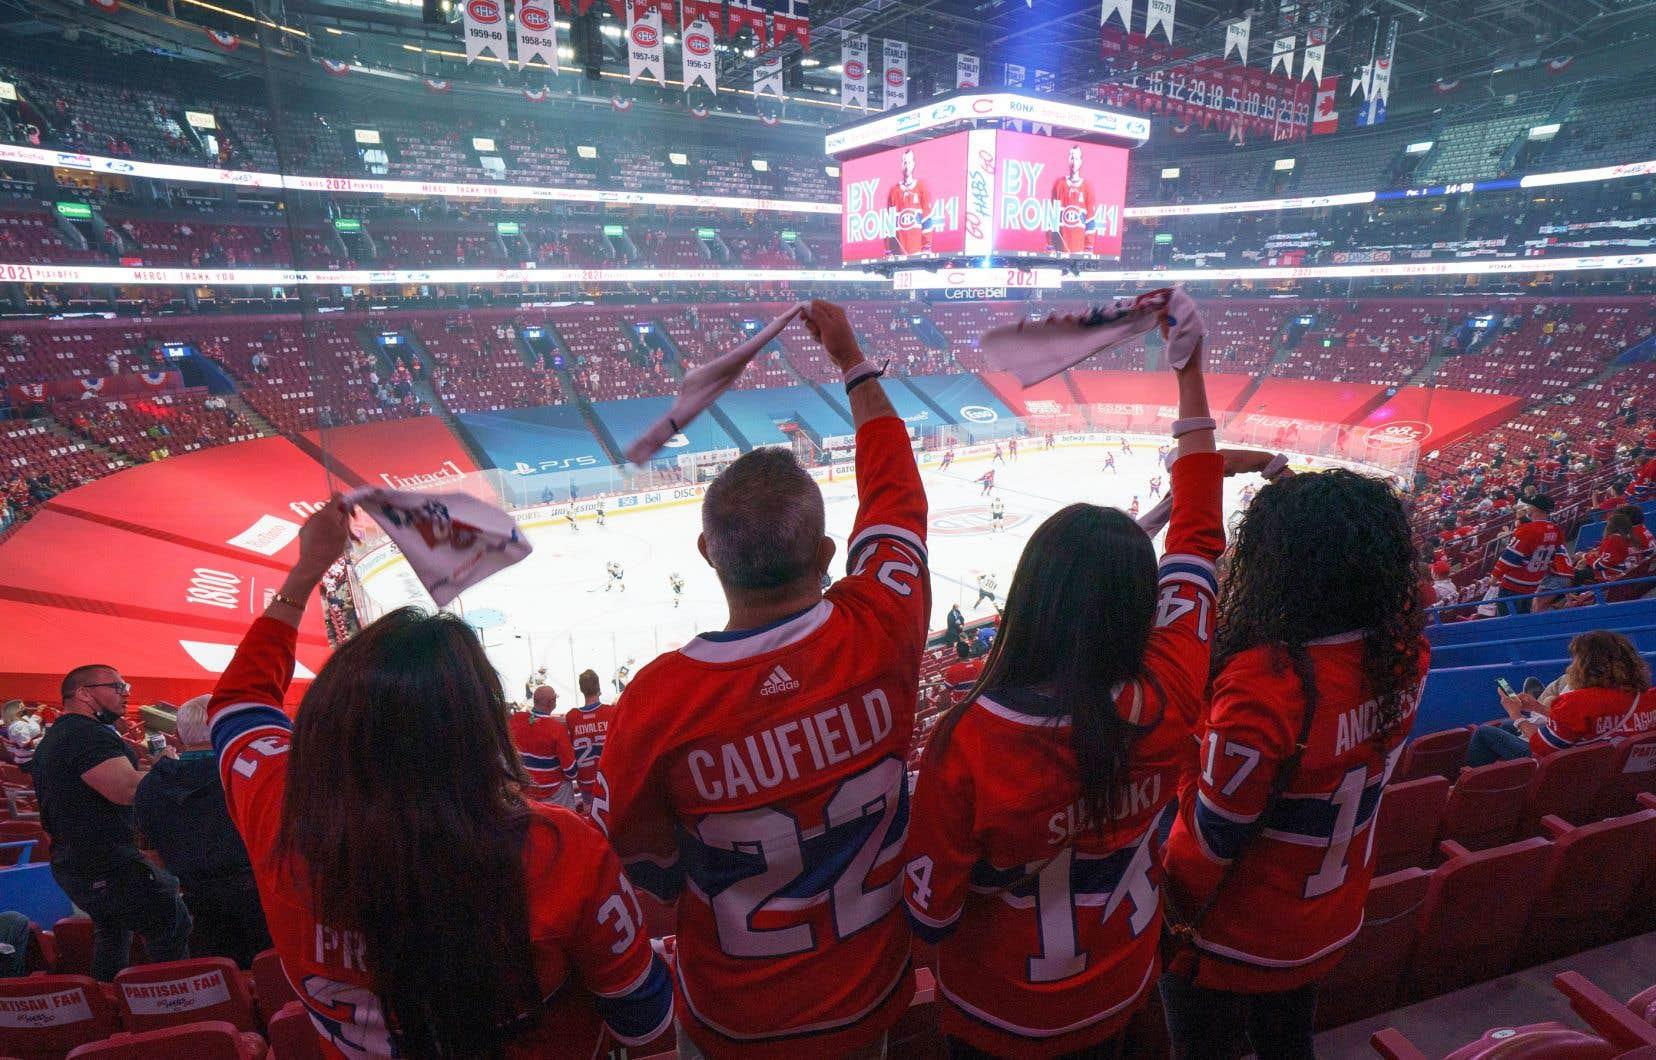 Tant les commerces vendant chandails, t-shirts ou casquettes, que les bars et les restaurants espèrent profiter de l'afflux des fans du Canadien à Montréal.